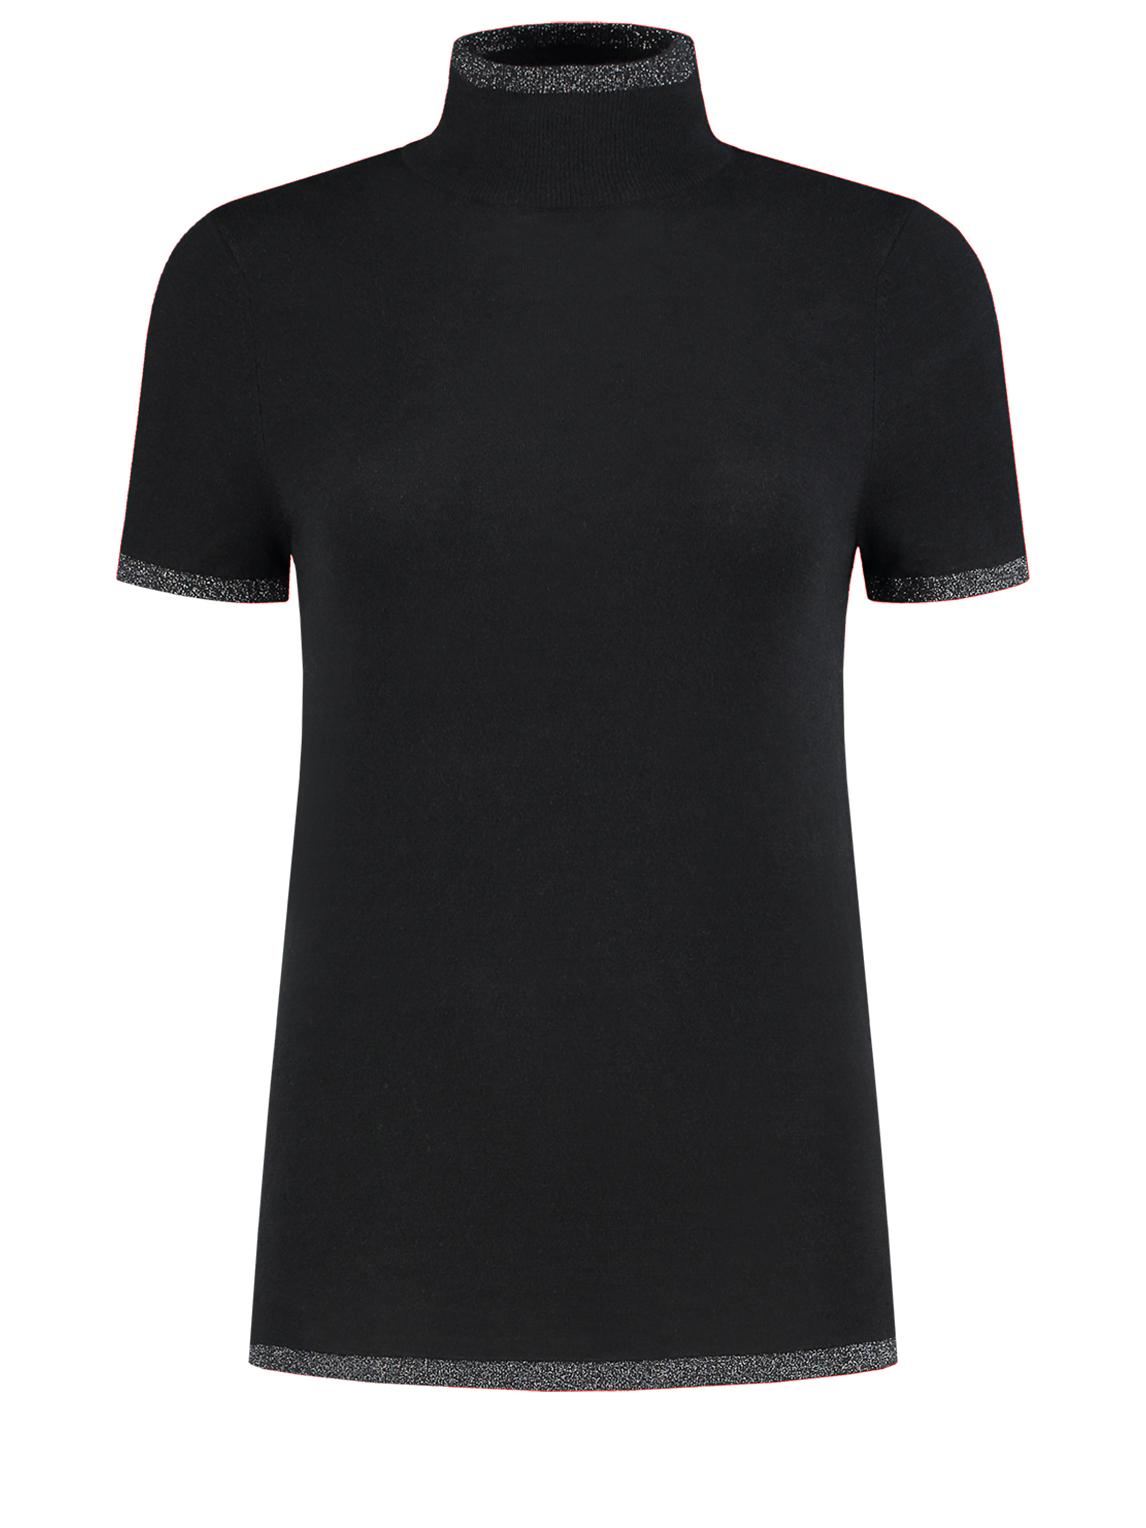 Zwarte dames top met korte mouwen en col Nikkie Jessa Turtle Neck Top - N7-784 1901 9000